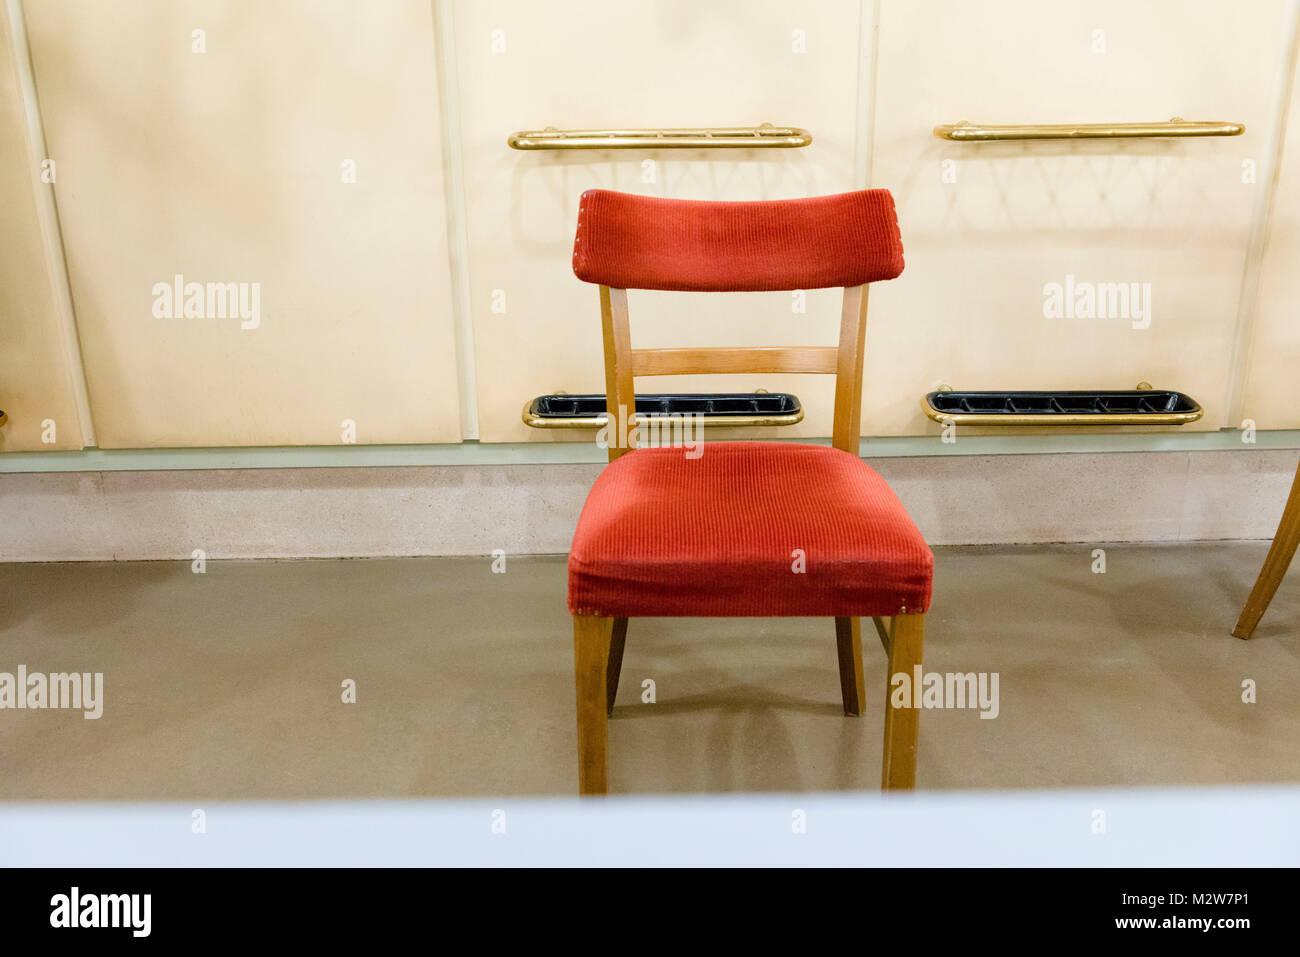 Red Velvet Chair, Interior   Stock Image